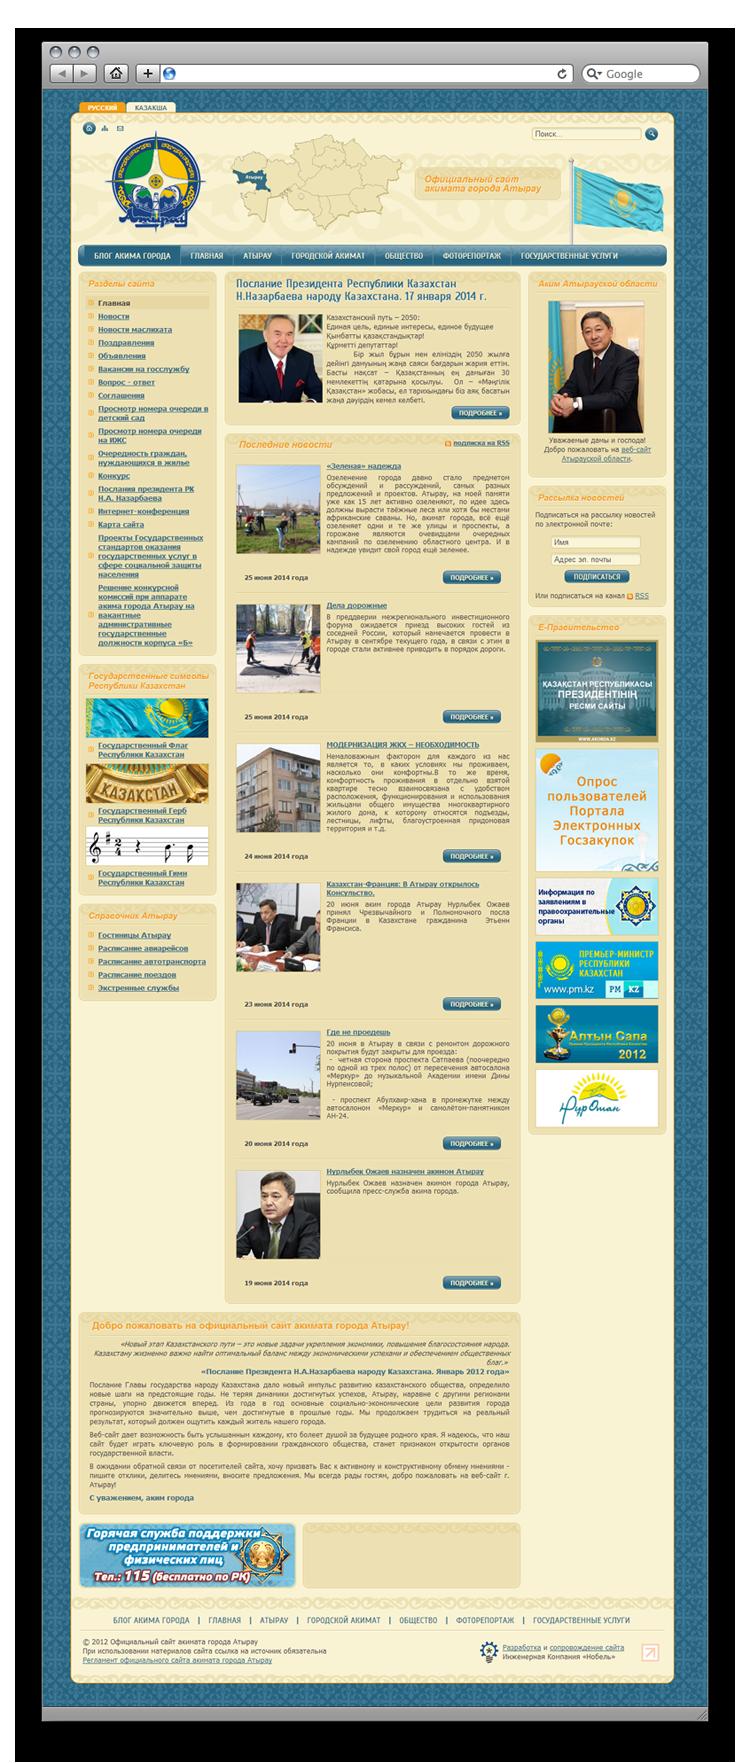 Бесплатная реклама на сайтах города атырау реклама бытовых товаров